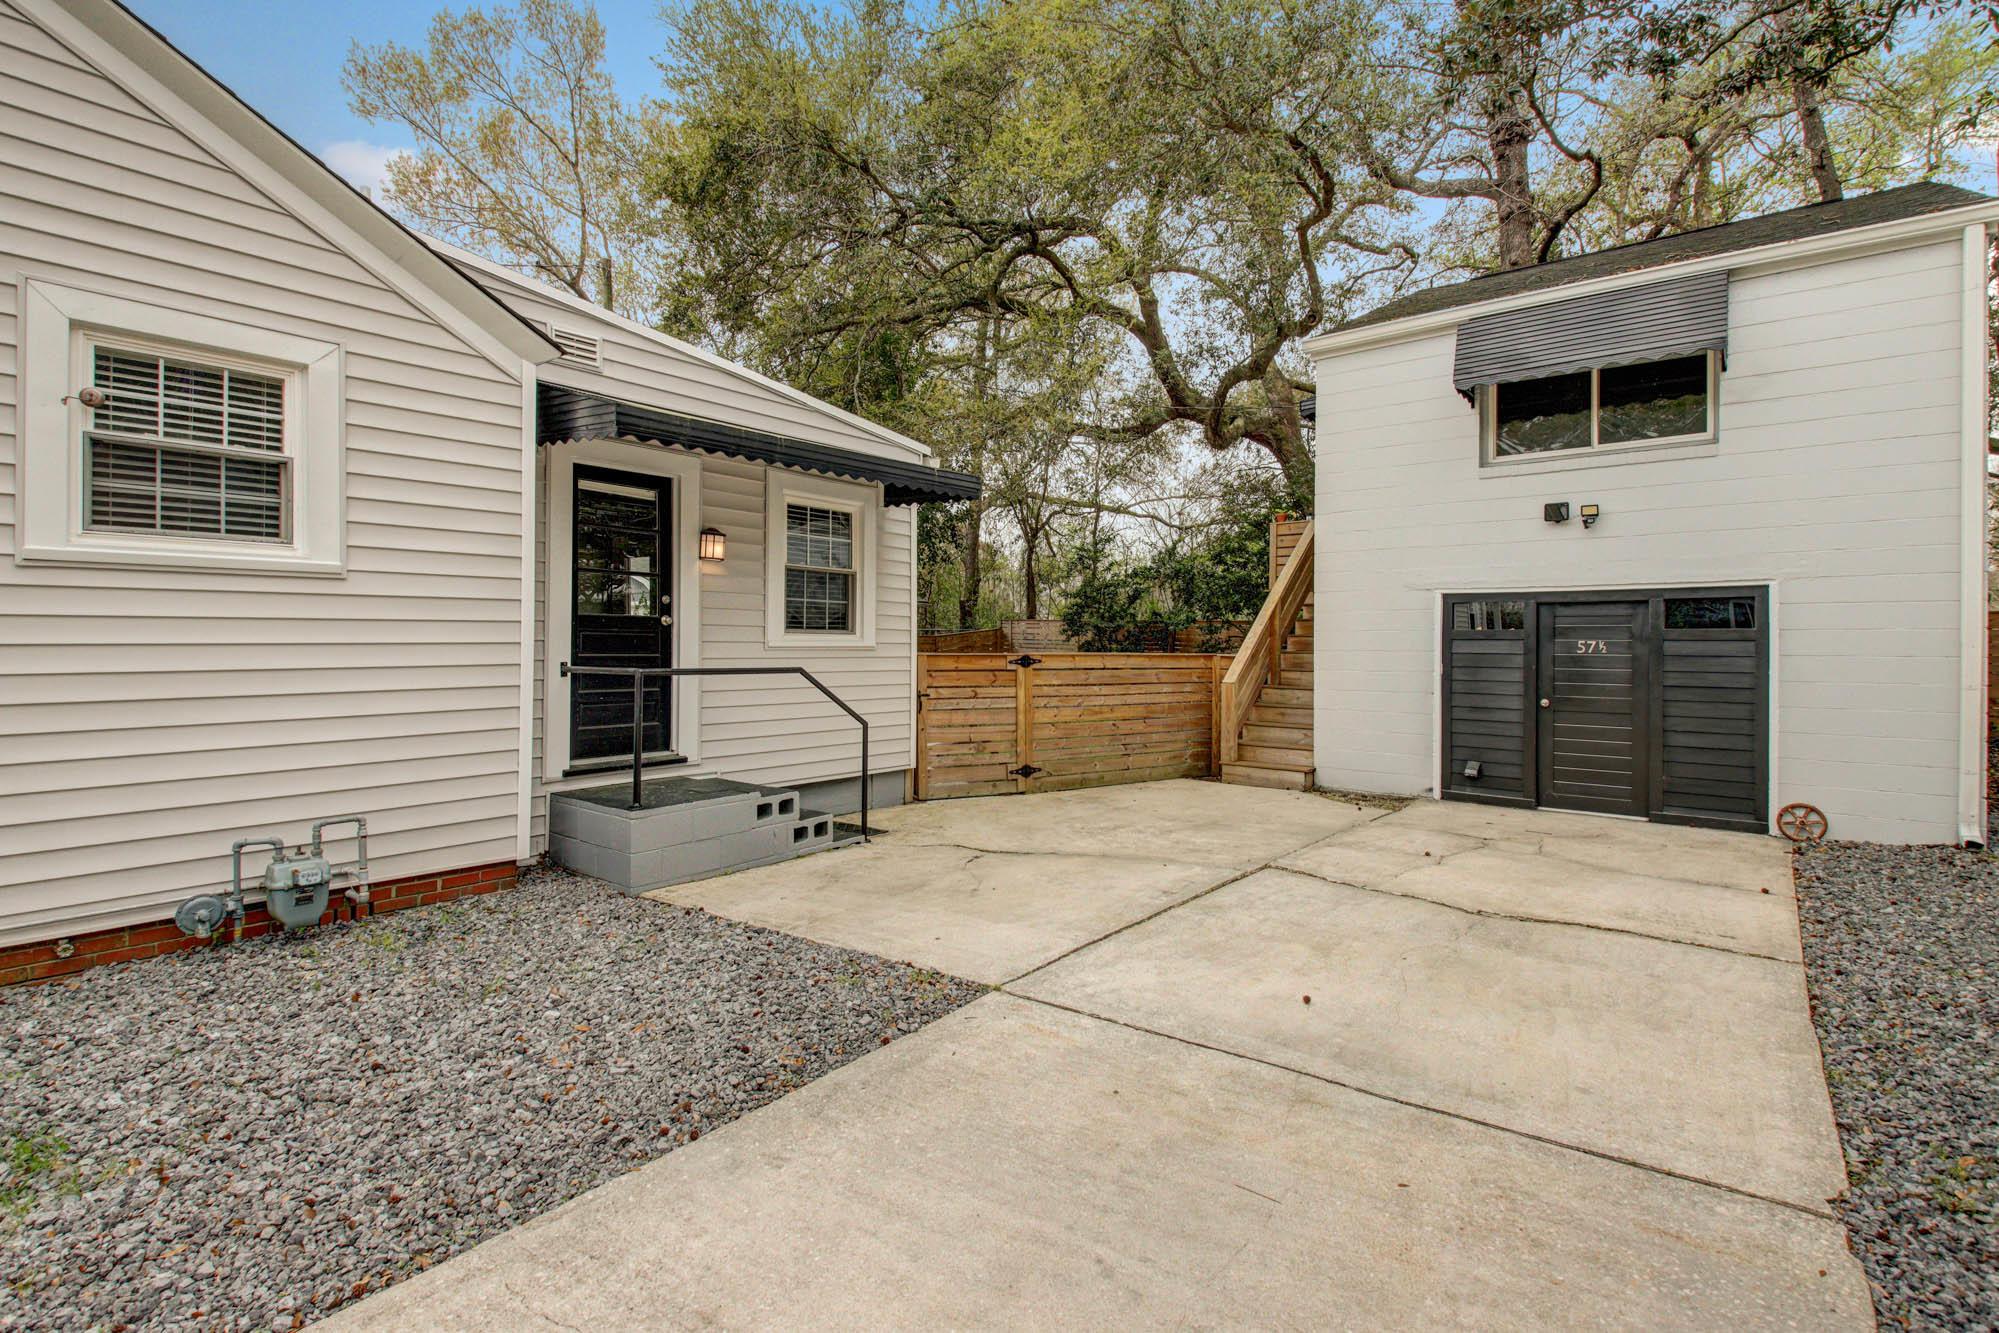 Avondale Homes For Sale - 57 Avondale, Charleston, SC - 6